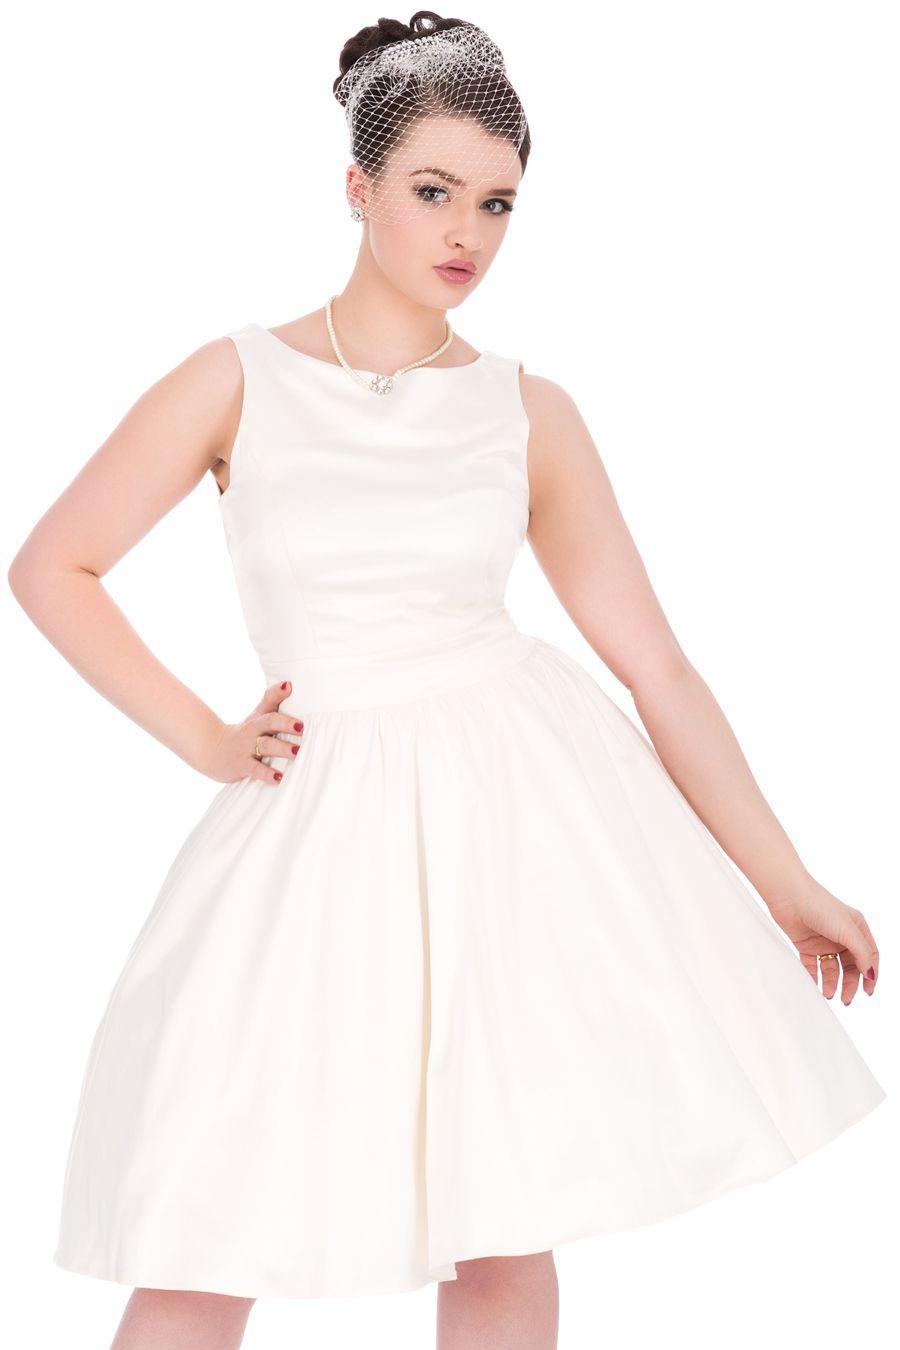 1940s style wedding dresses  s Style Ivory Wedding Tea Dress  Lady Vintage  Så länge högern